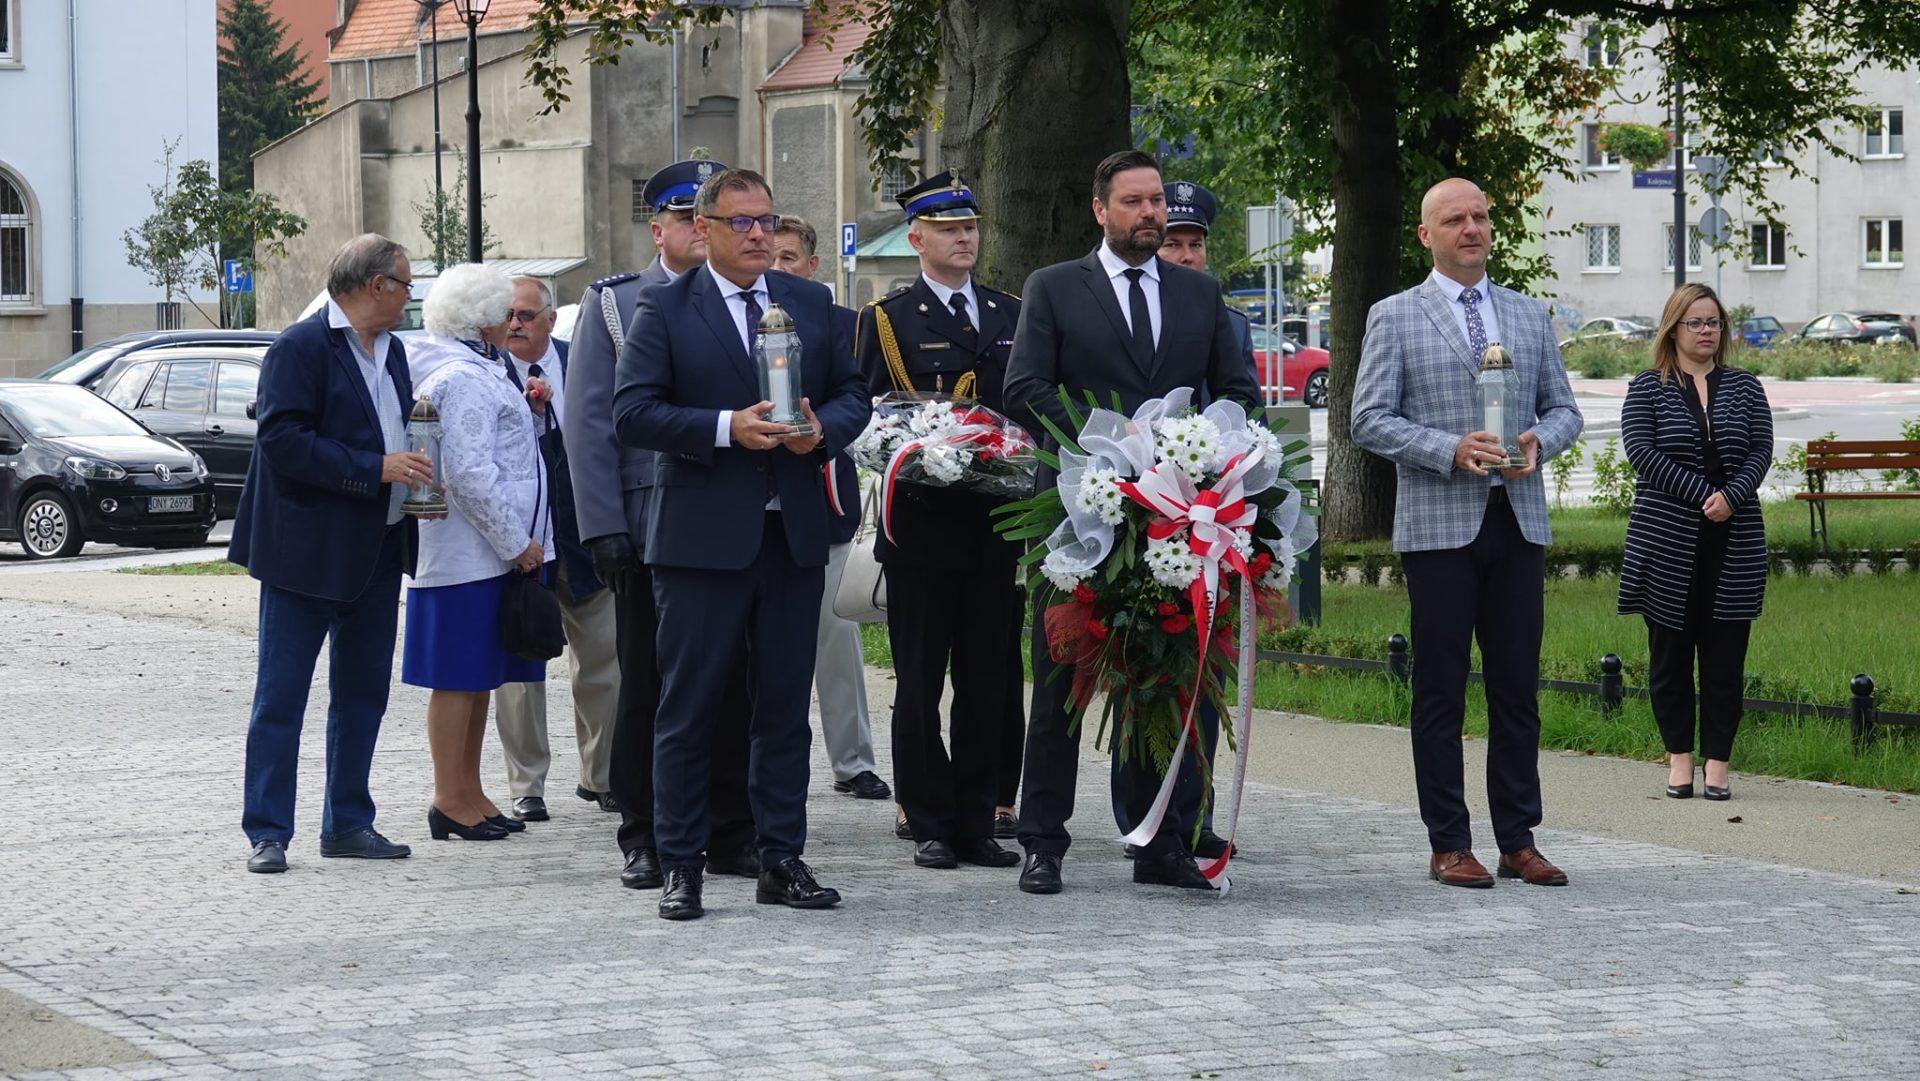 Samorządowcy oddali hołd ofiarom i bohaterem II Wojny Światowej